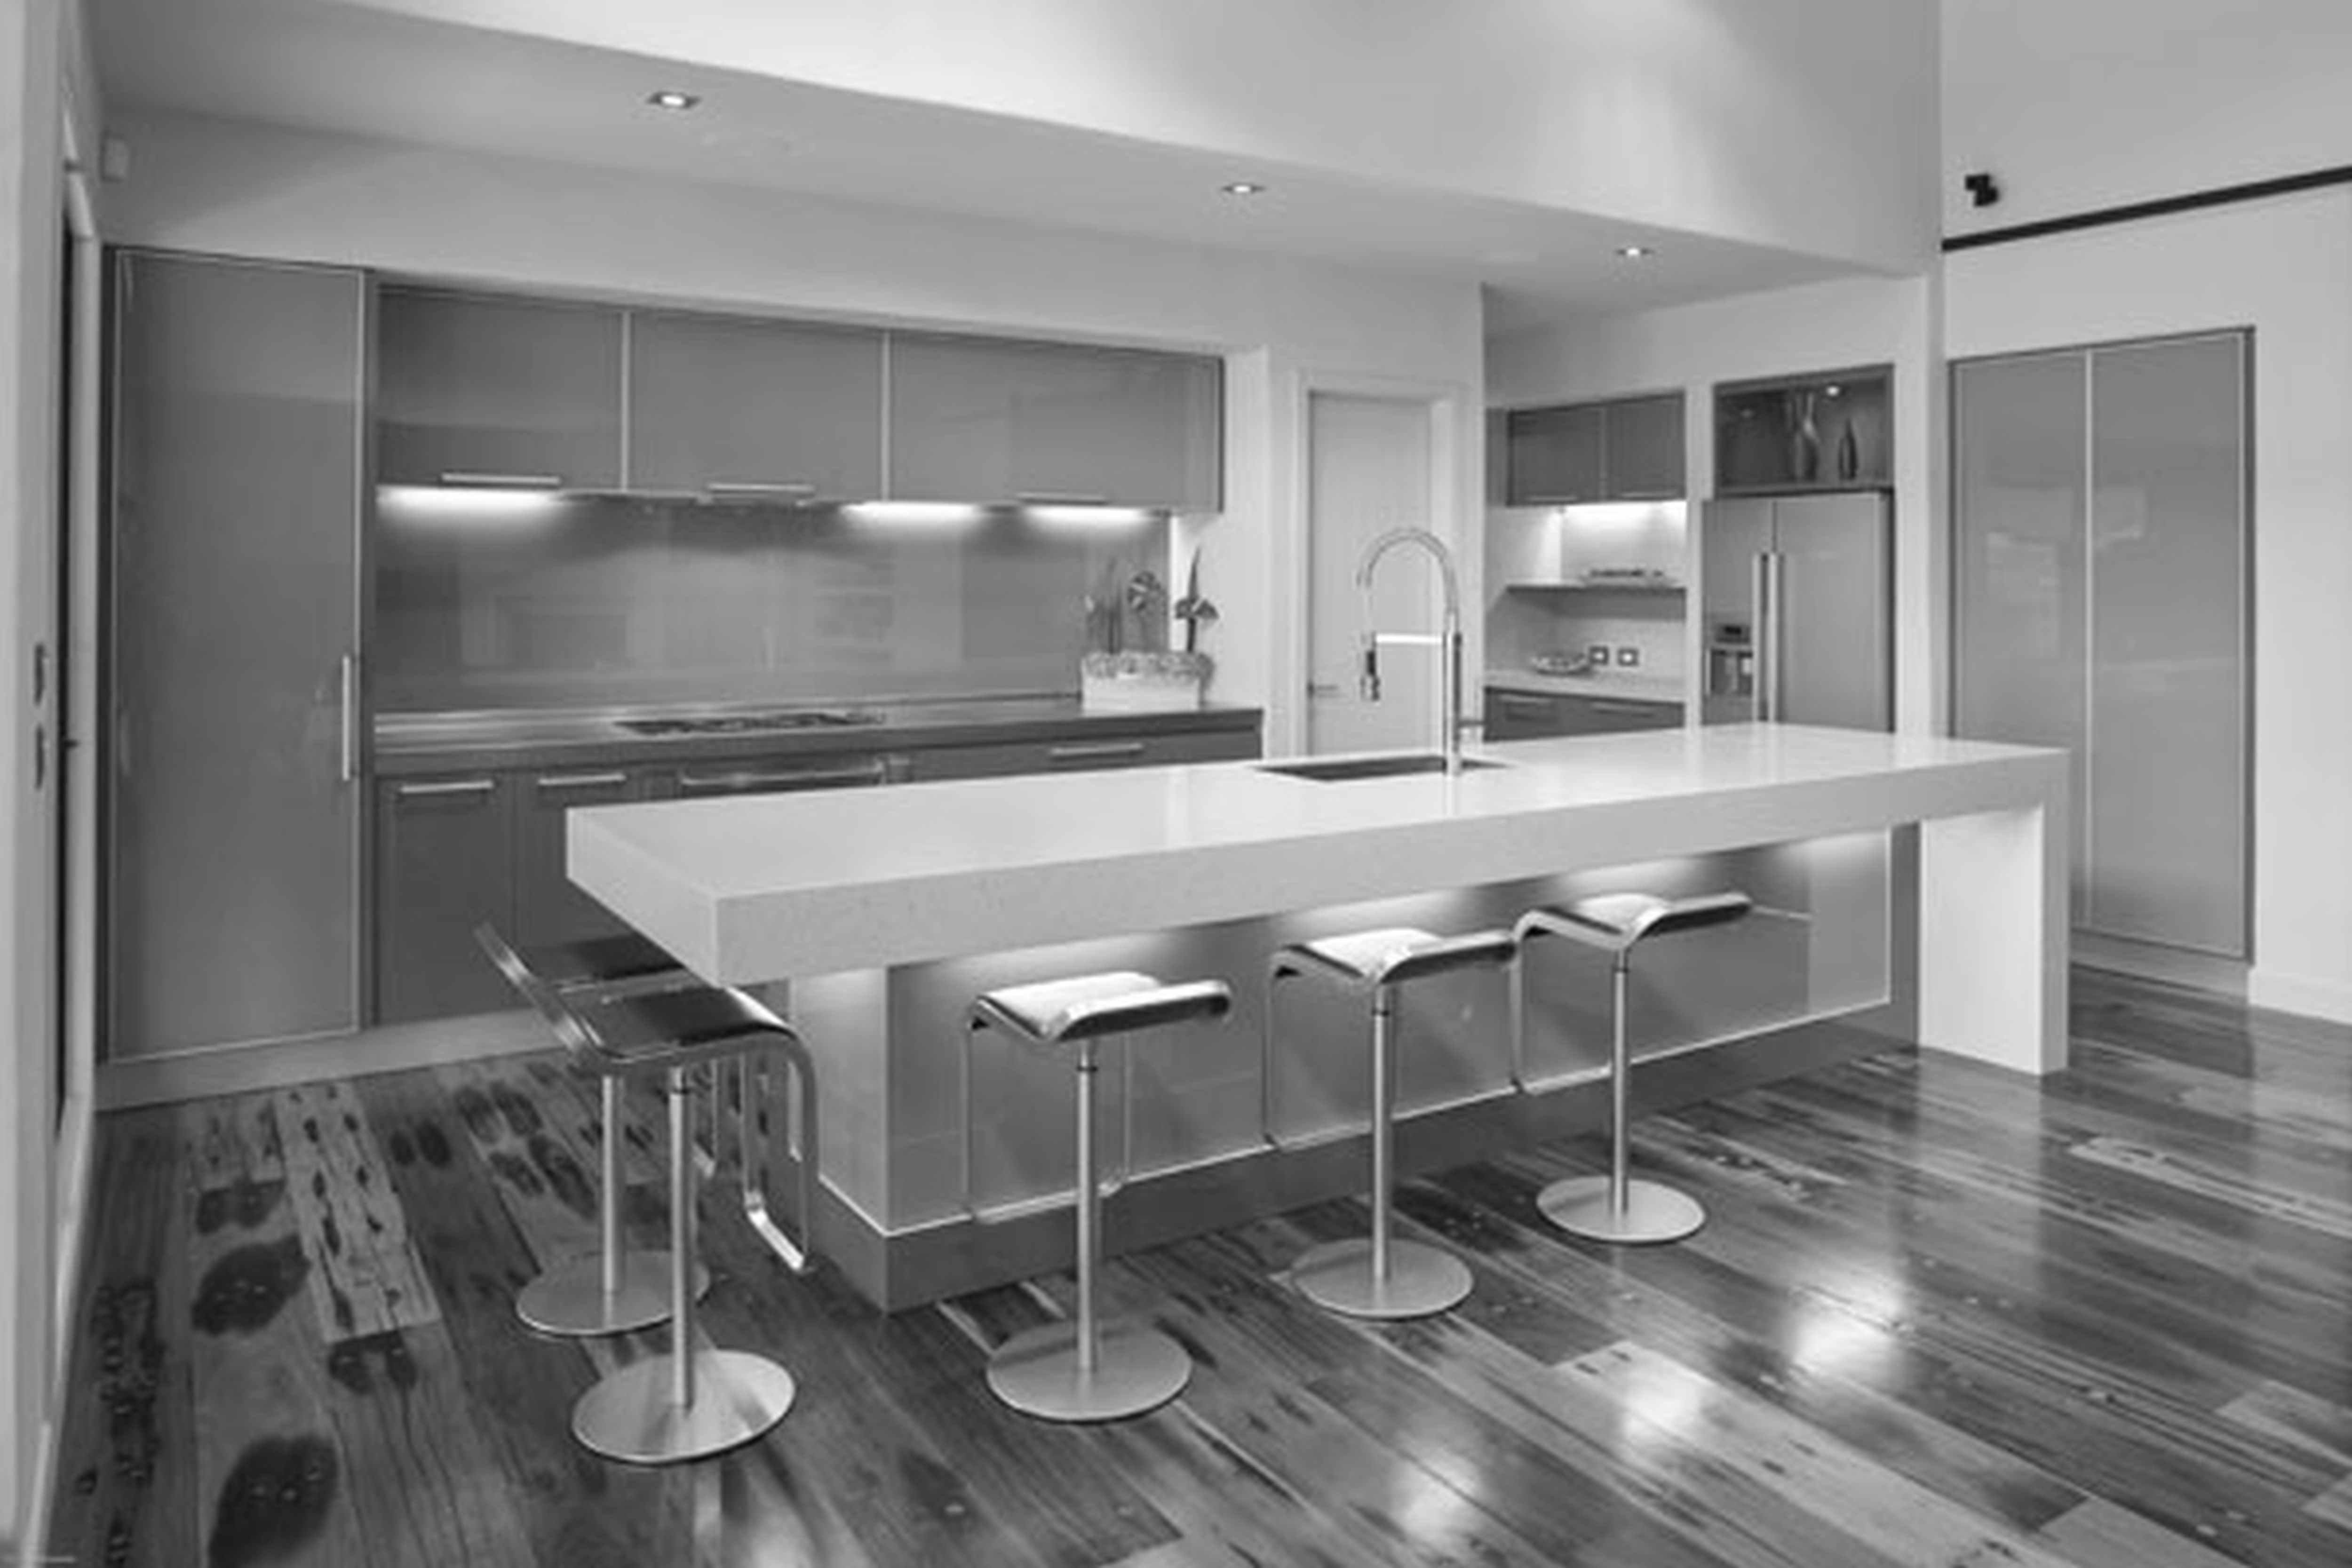 trend modern kitchen design ideas with kitchen island ideas with contemporary kitchen on kitchen decor themes modern id=74409